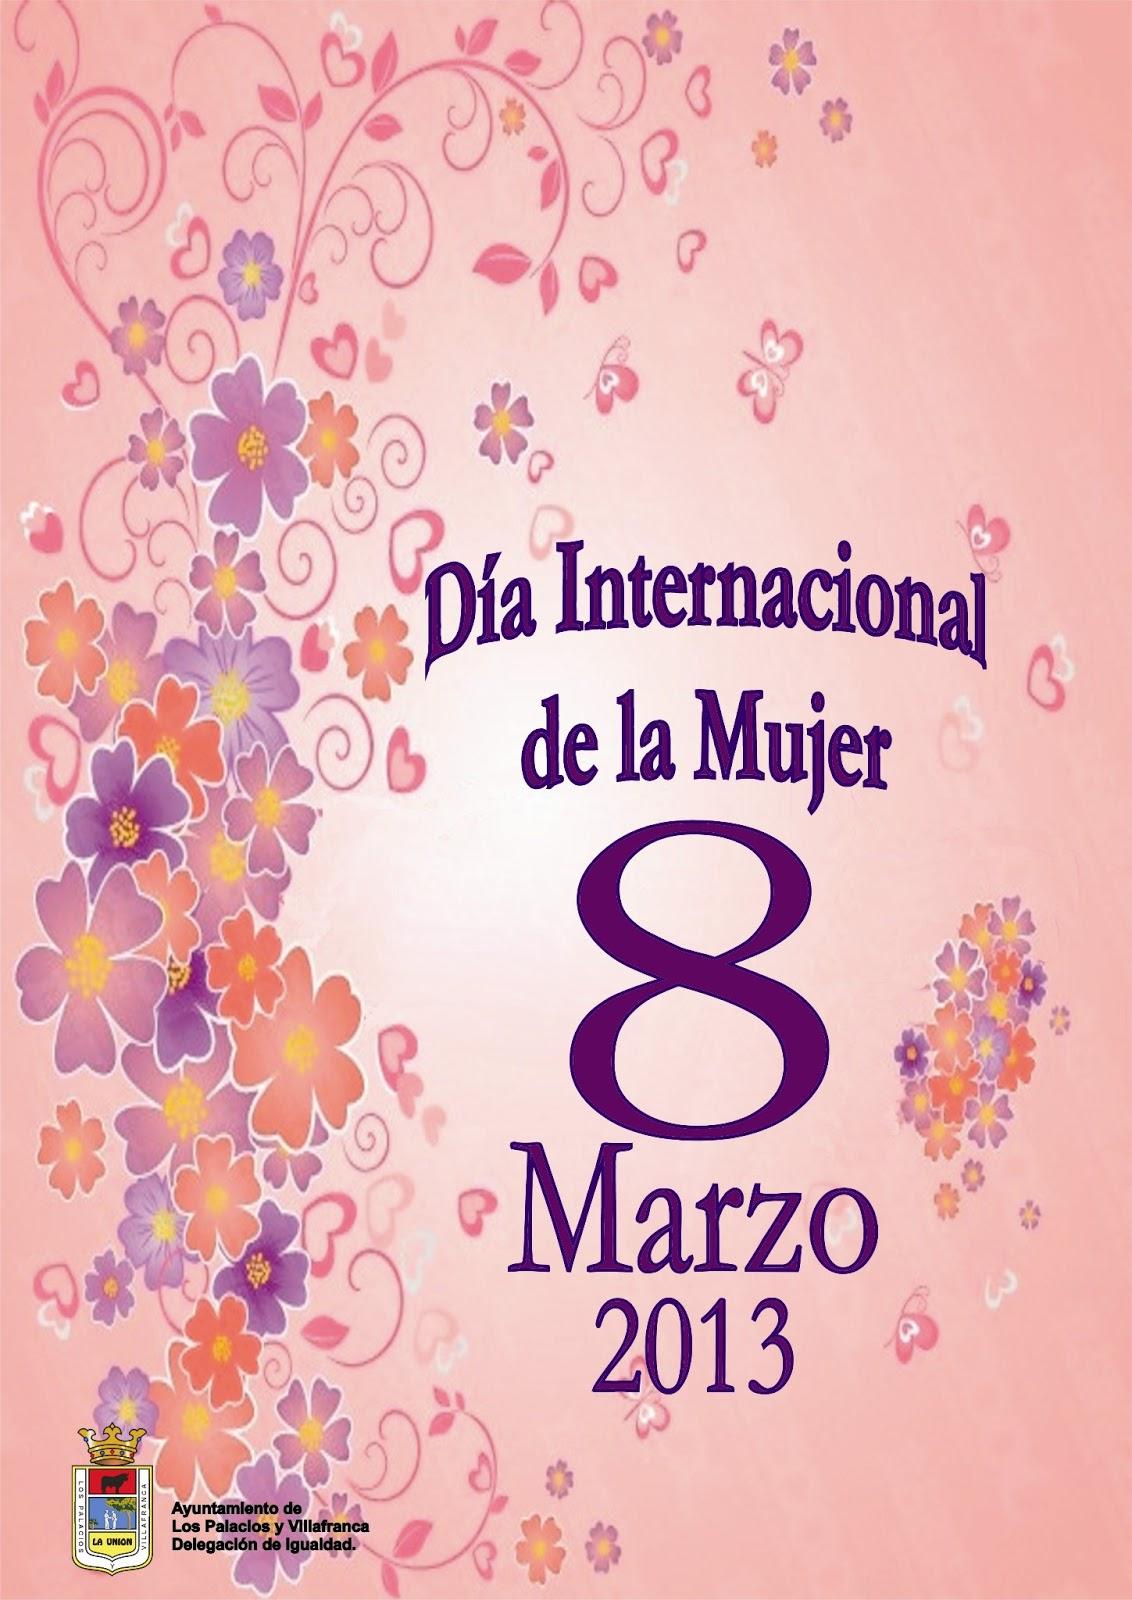 10 marzo dia juventud: